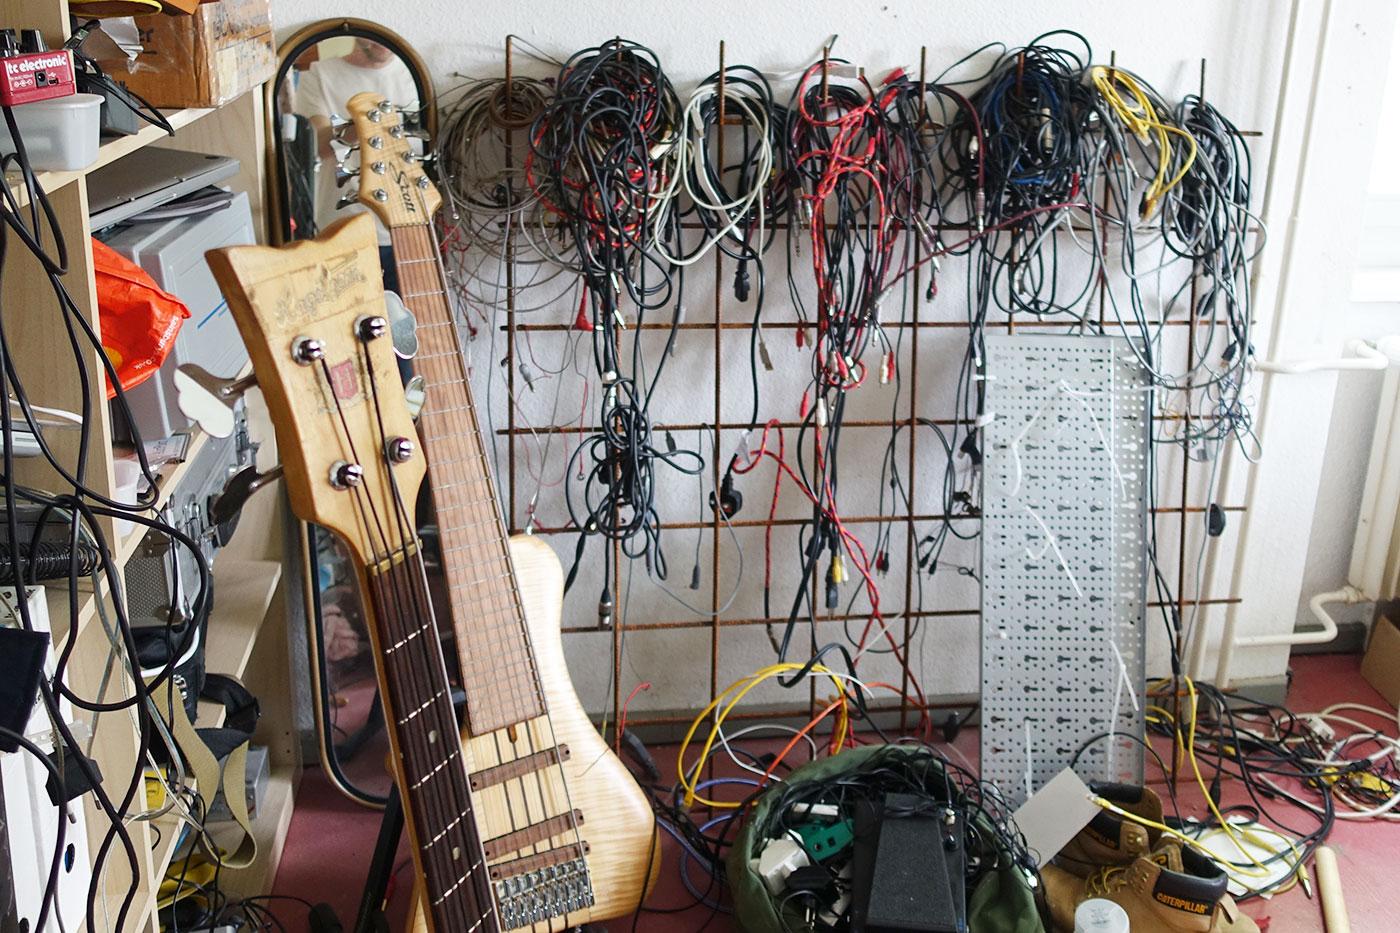 Einblick in die Welt eines Bassisten.